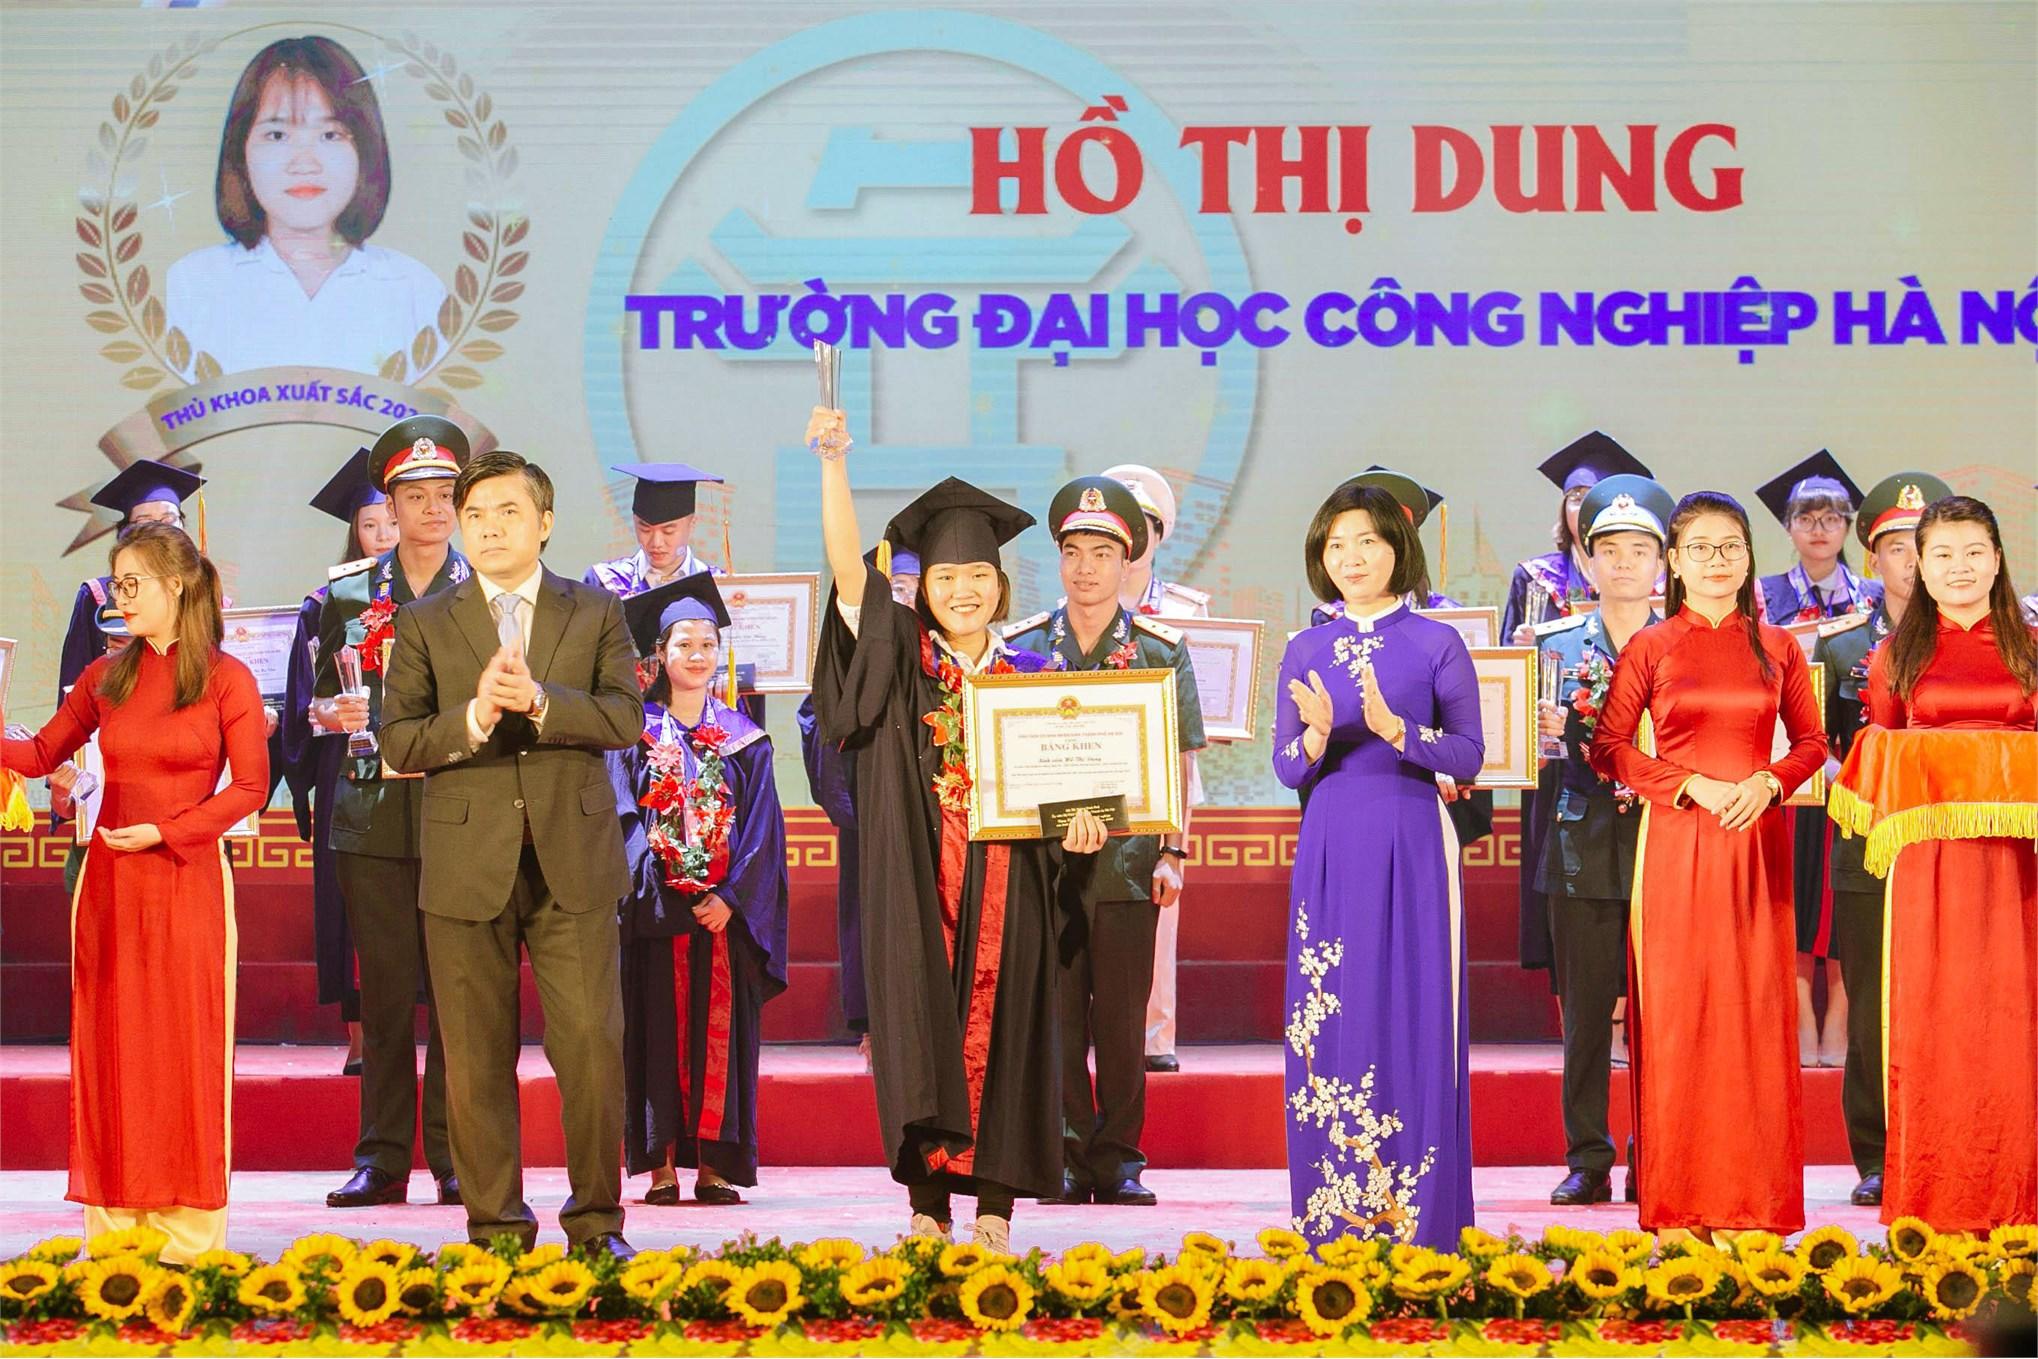 2 nữ sinh Đại học Công nghiệp Hà Nội - Thủ khoa tốt nghiệp xuất sắc năm 2020